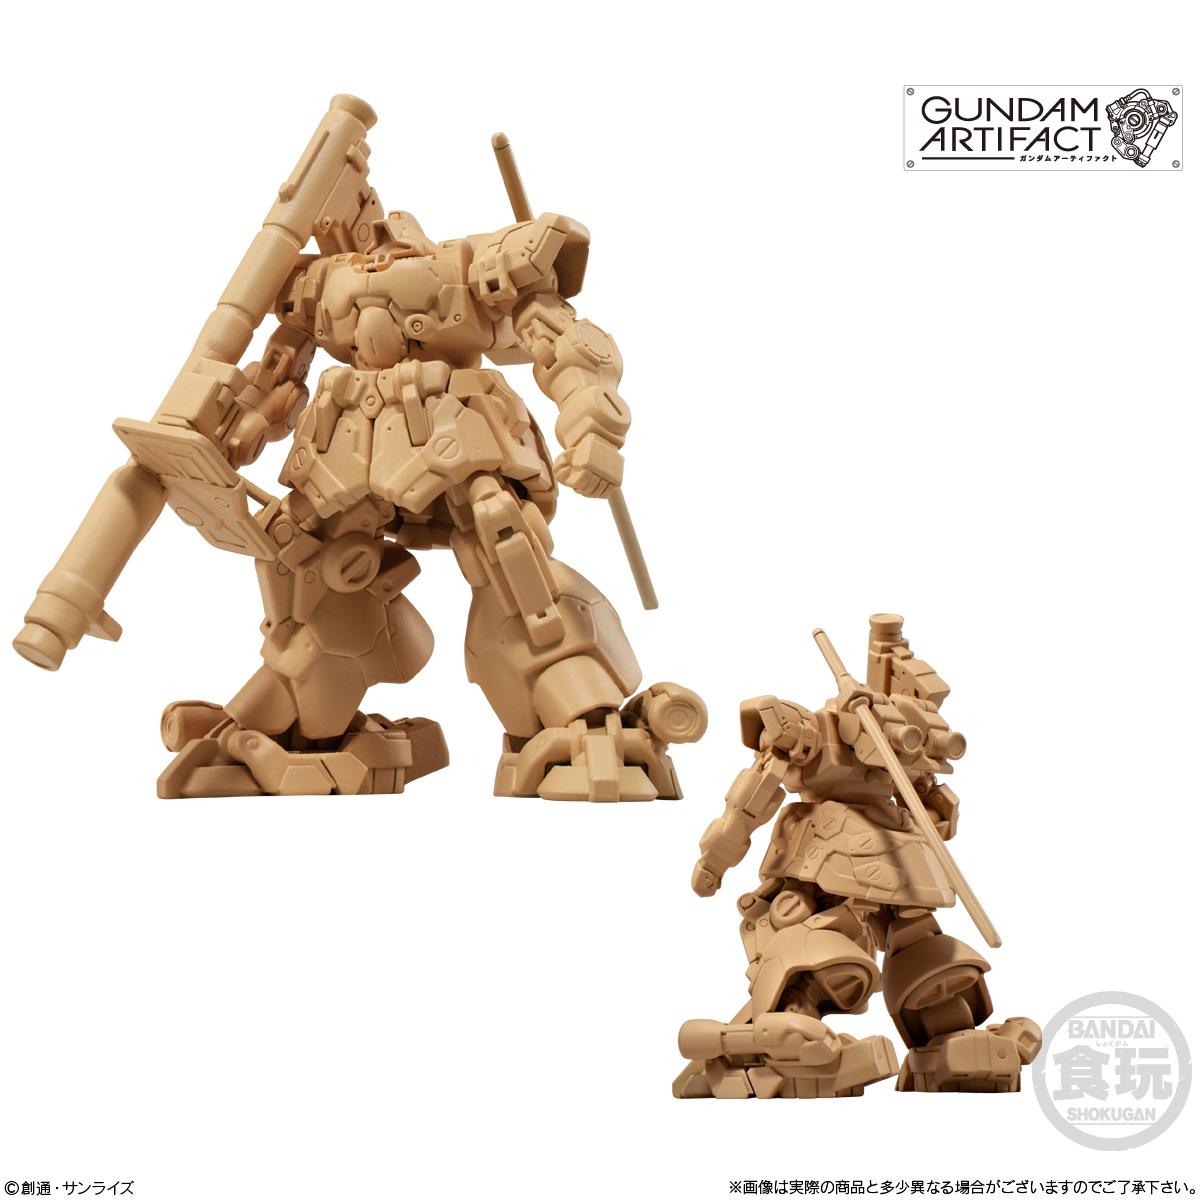 【食玩】機動戦士ガンダム『ガンダムアーティファクト 第2弾』プラ製ミニキット 10個入りBOX-004